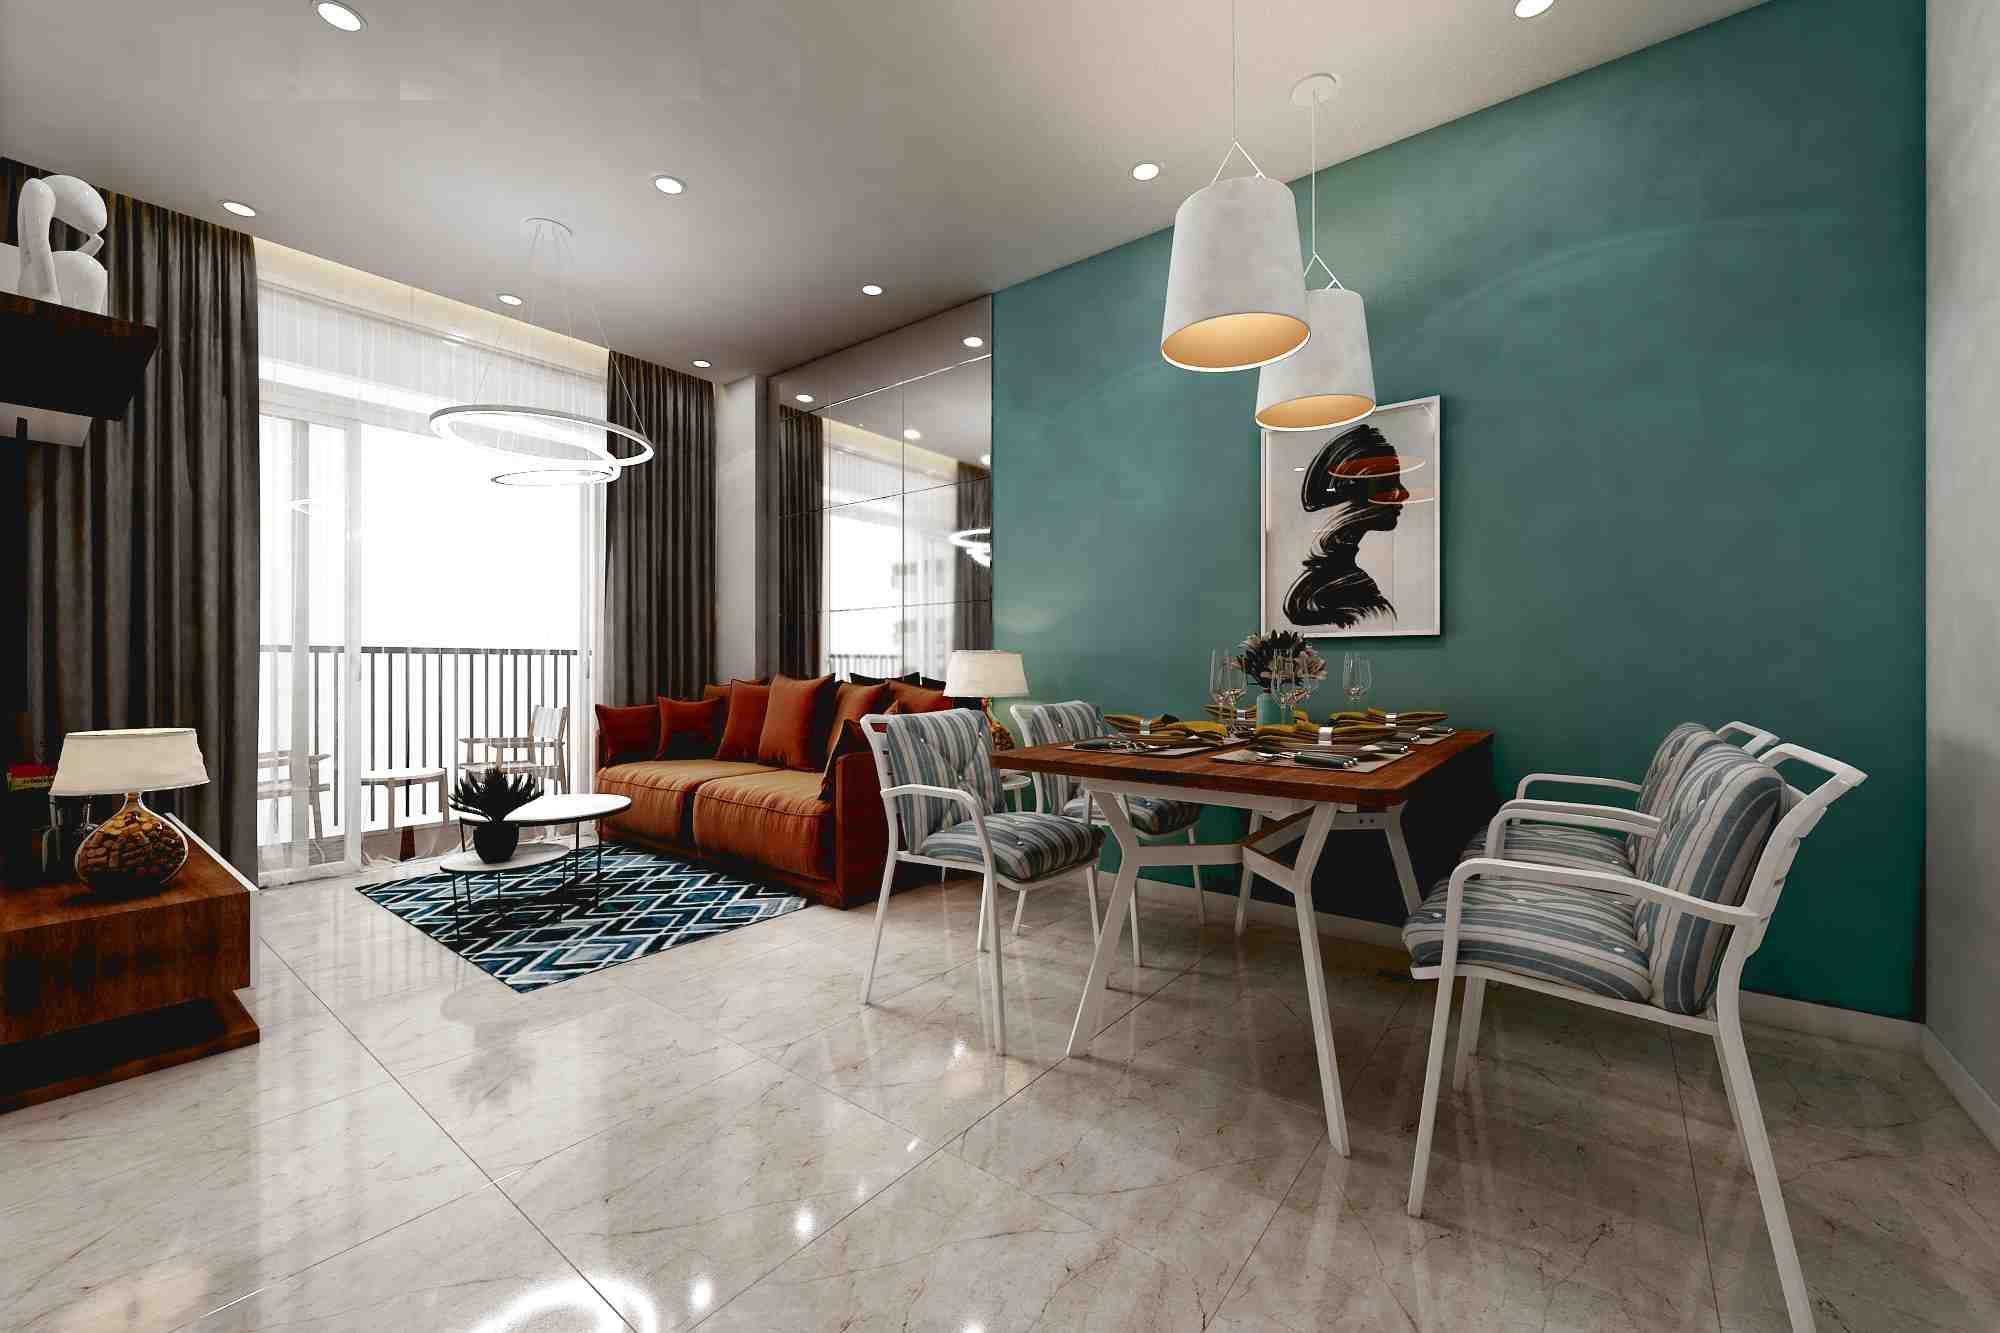 Nhà mẫu Dự án căn hộ chung cư Smart Home Nguyễn Văn Linh Bình Chánh